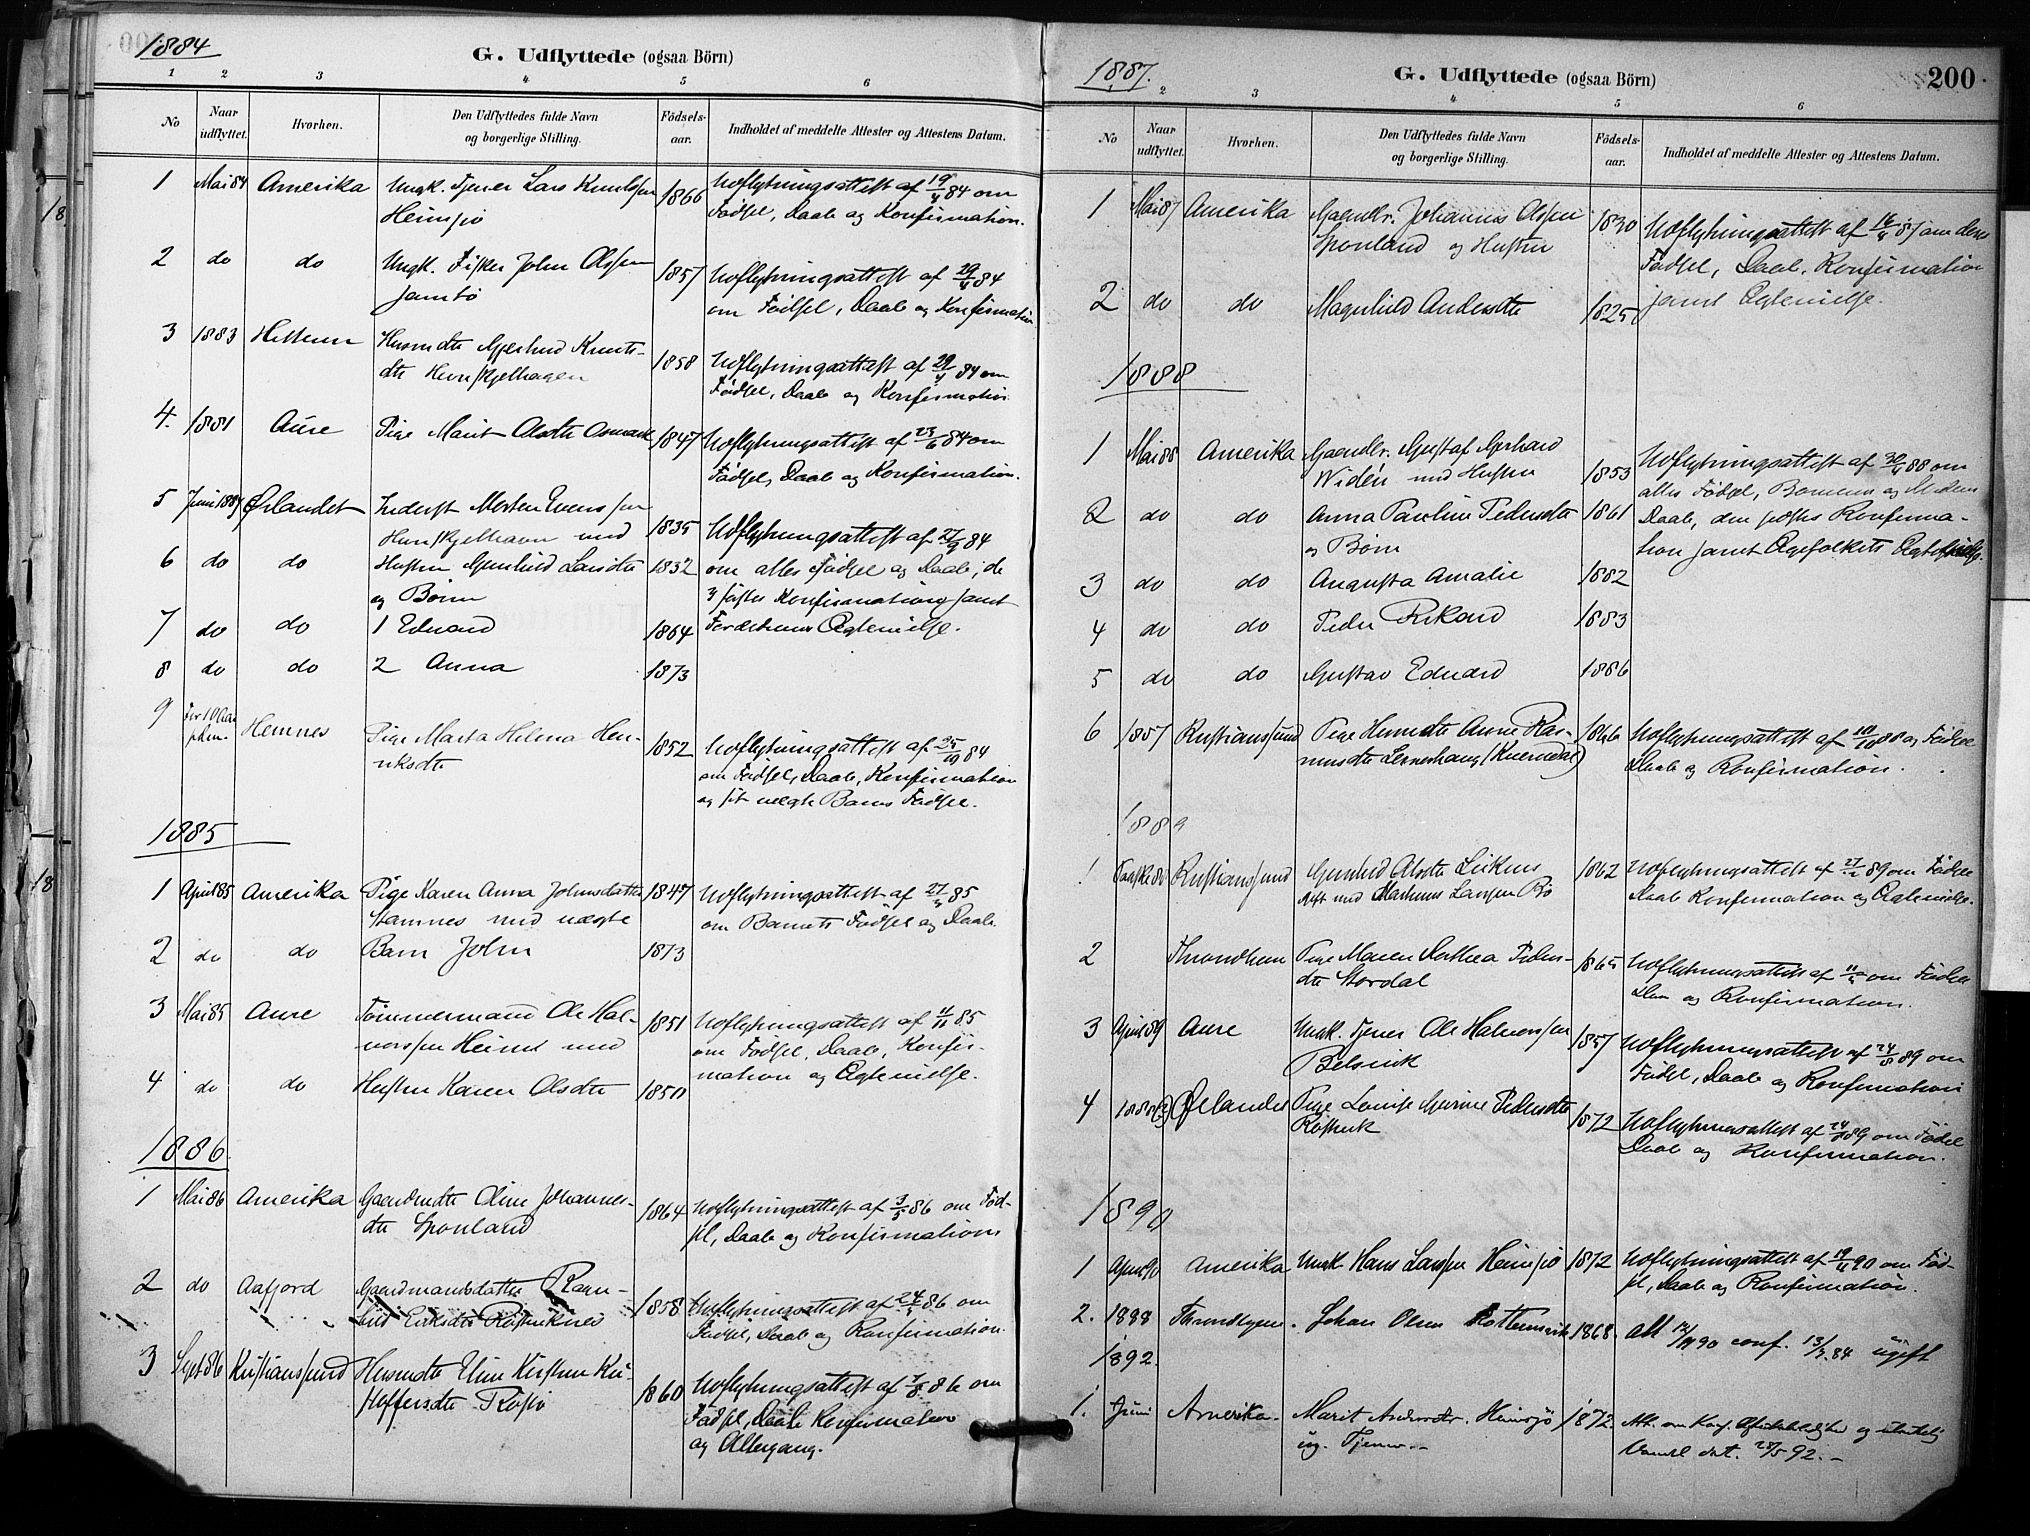 SAT, Ministerialprotokoller, klokkerbøker og fødselsregistre - Sør-Trøndelag, 633/L0518: Ministerialbok nr. 633A01, 1884-1906, s. 200